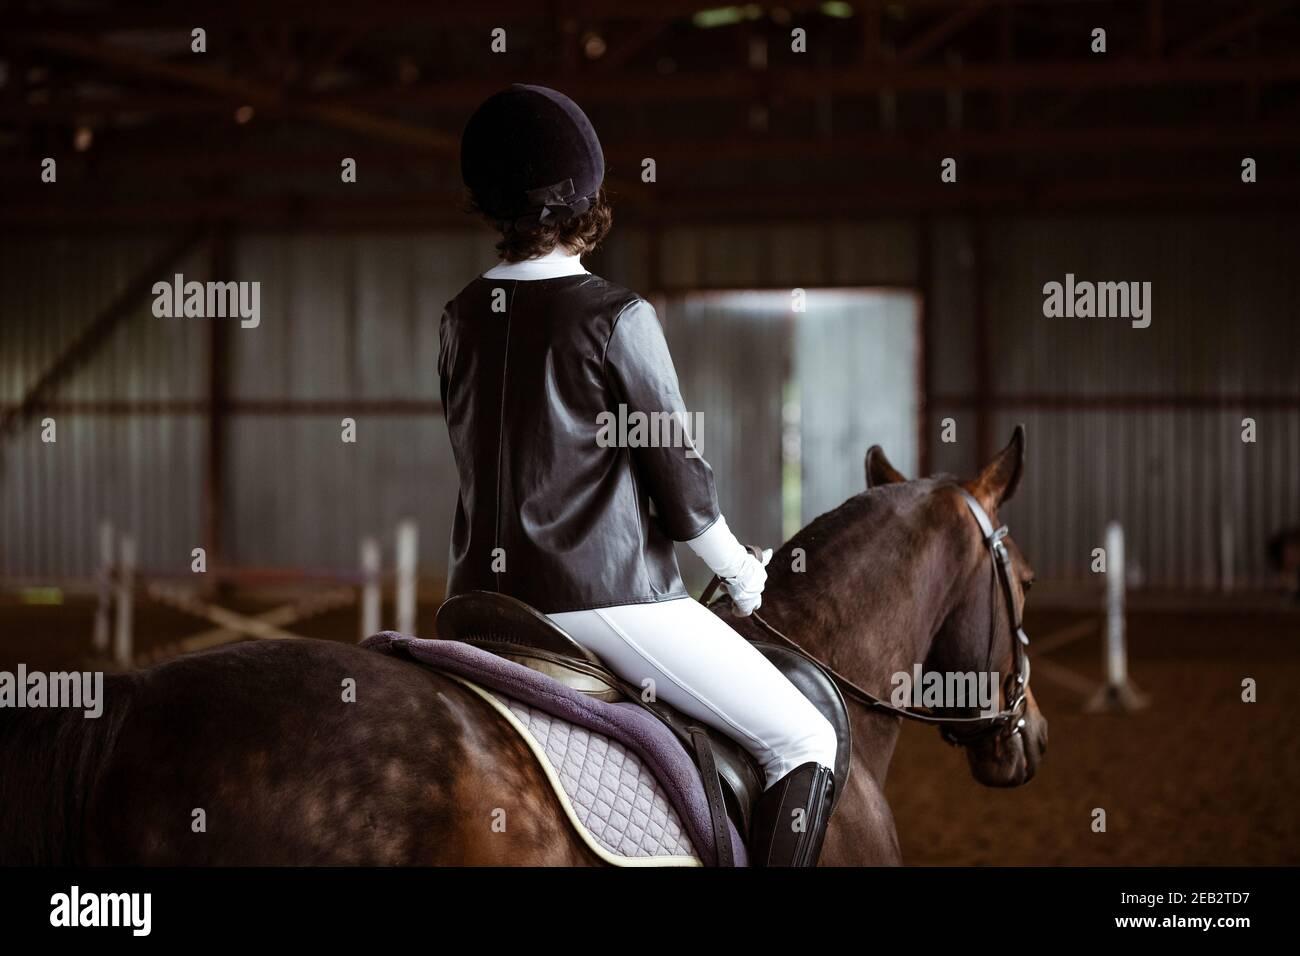 La joven se dedica a los deportes ecuestres, la formación a caballo Foto de stock